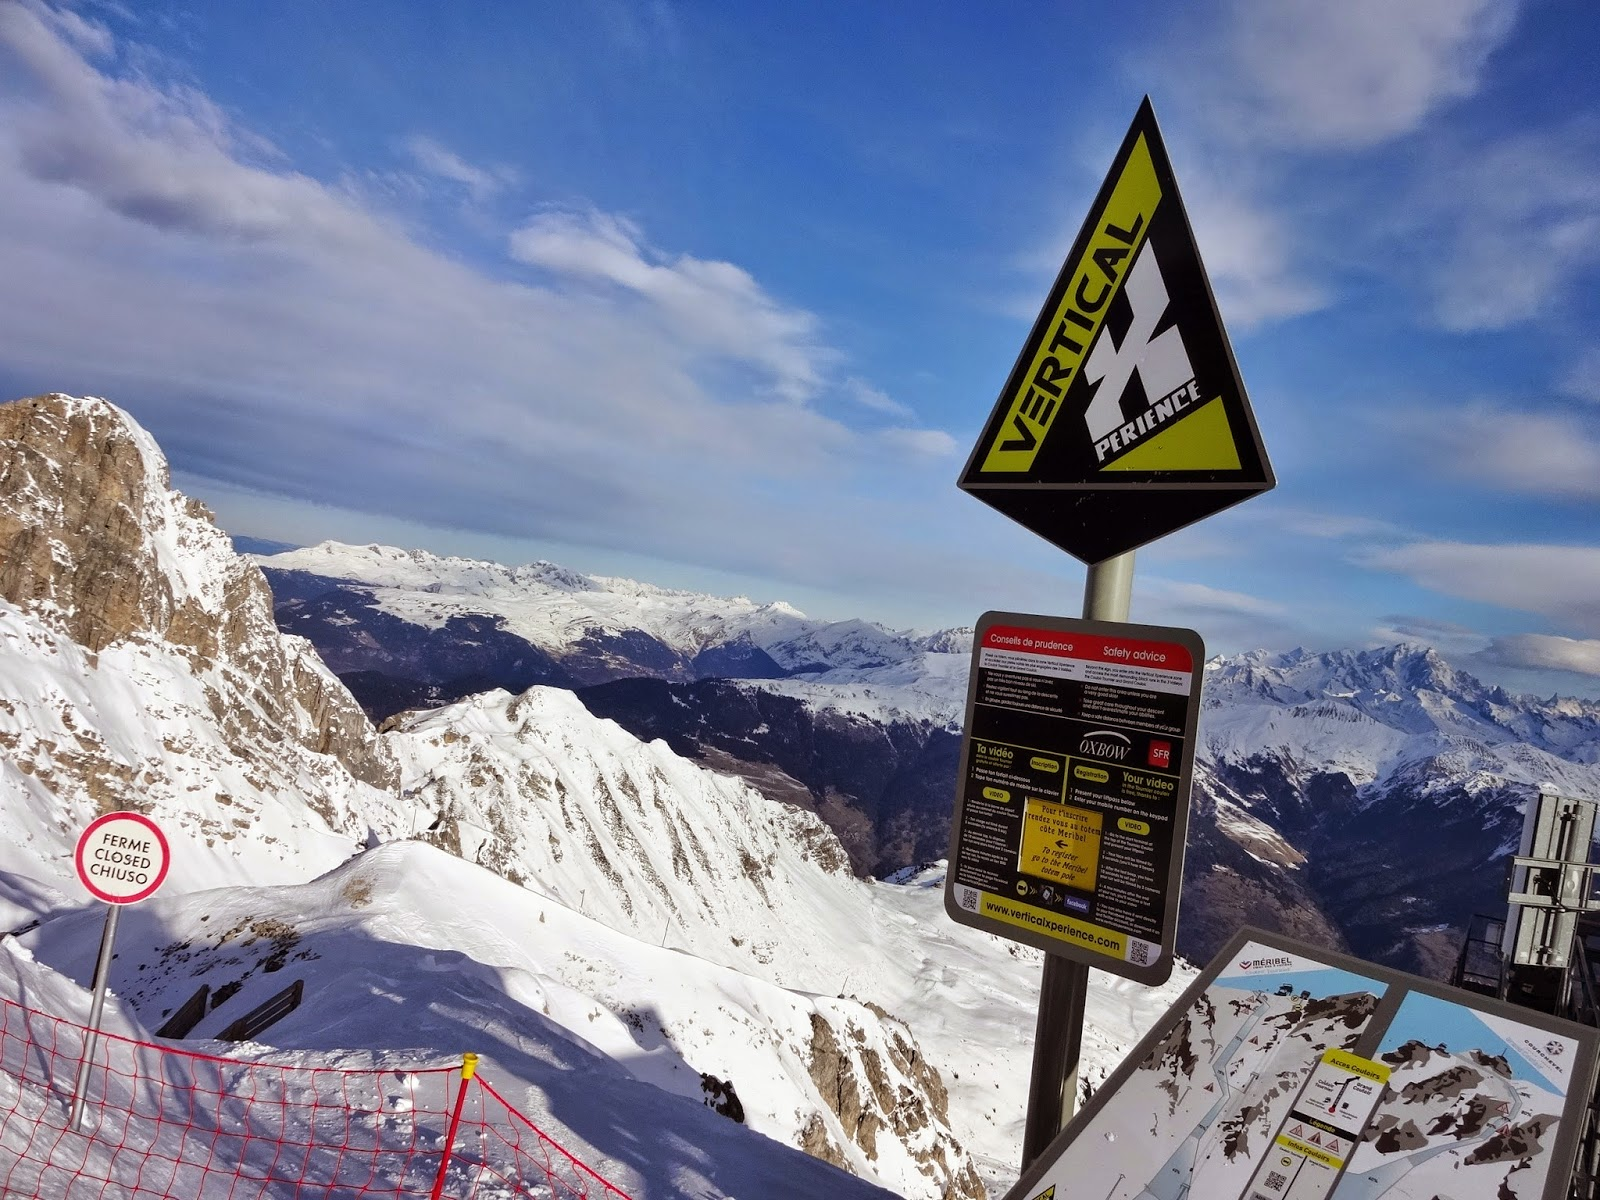 самый страшный горнолыжный спуск